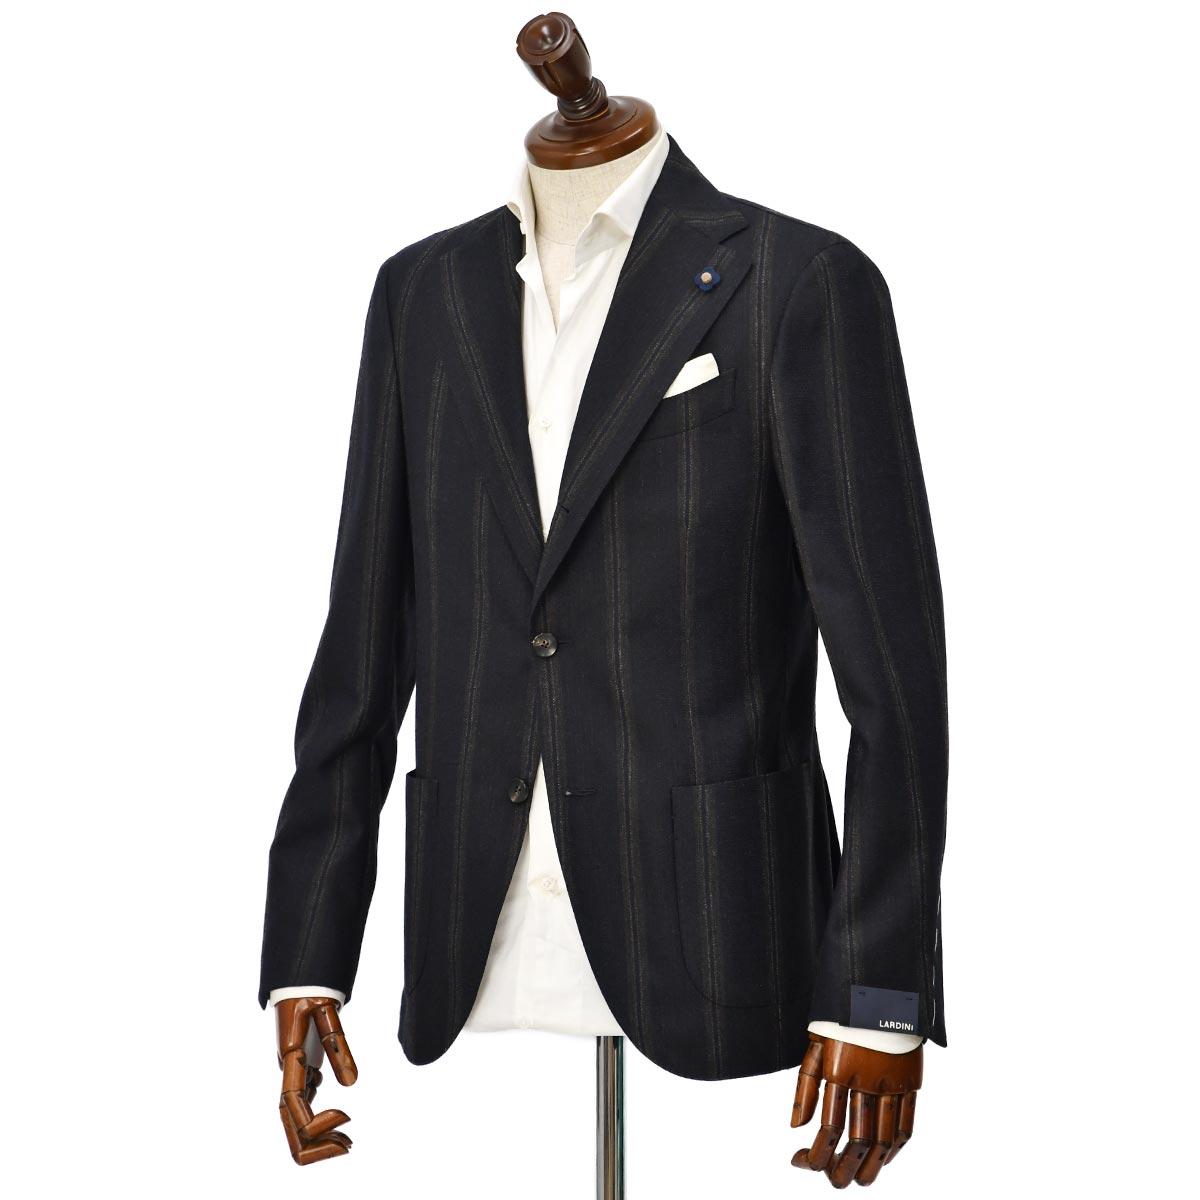 LARDINI【ラルディーニ】 シングルジャケット JS681AQ RP55594/850MA ウール ストライプ ネイビー